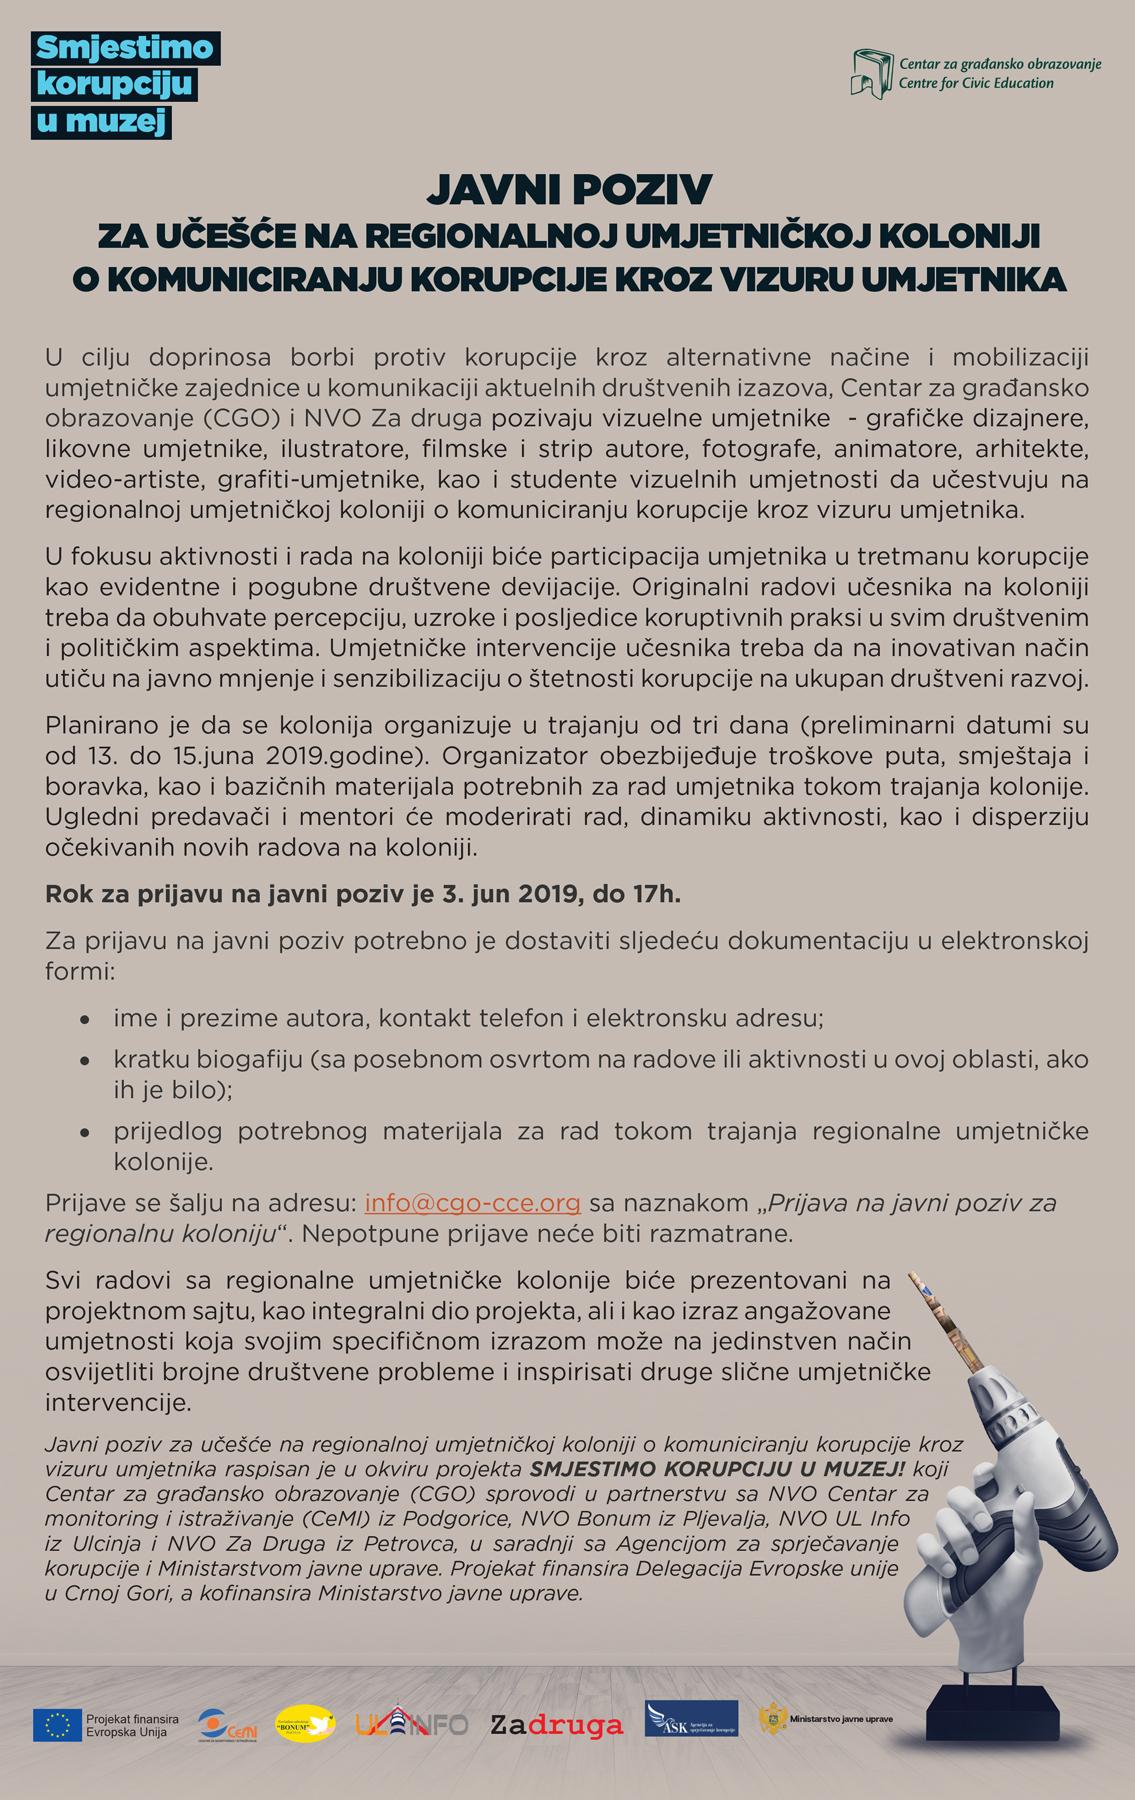 CGO - Javni poziv za učešće na regionalnoj umjetničkoj koloniji o komuniciranju korupcije kroz vizuru umjetnika